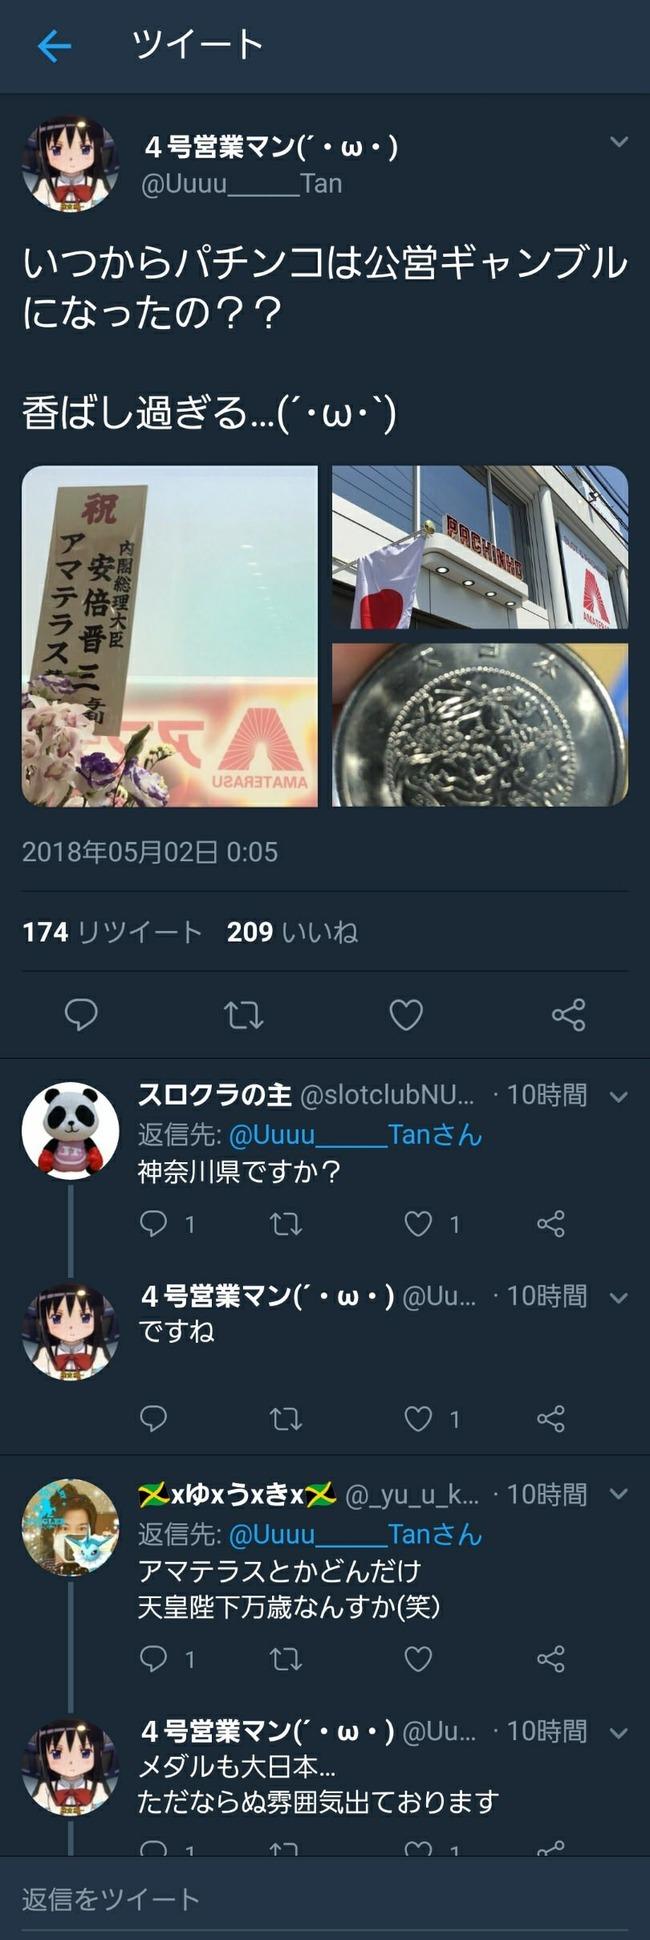 パチンコ アマテラス アマテラス:パチンコ店=神奈川県で営業中の経営者は誰で名前は?Twitter評判